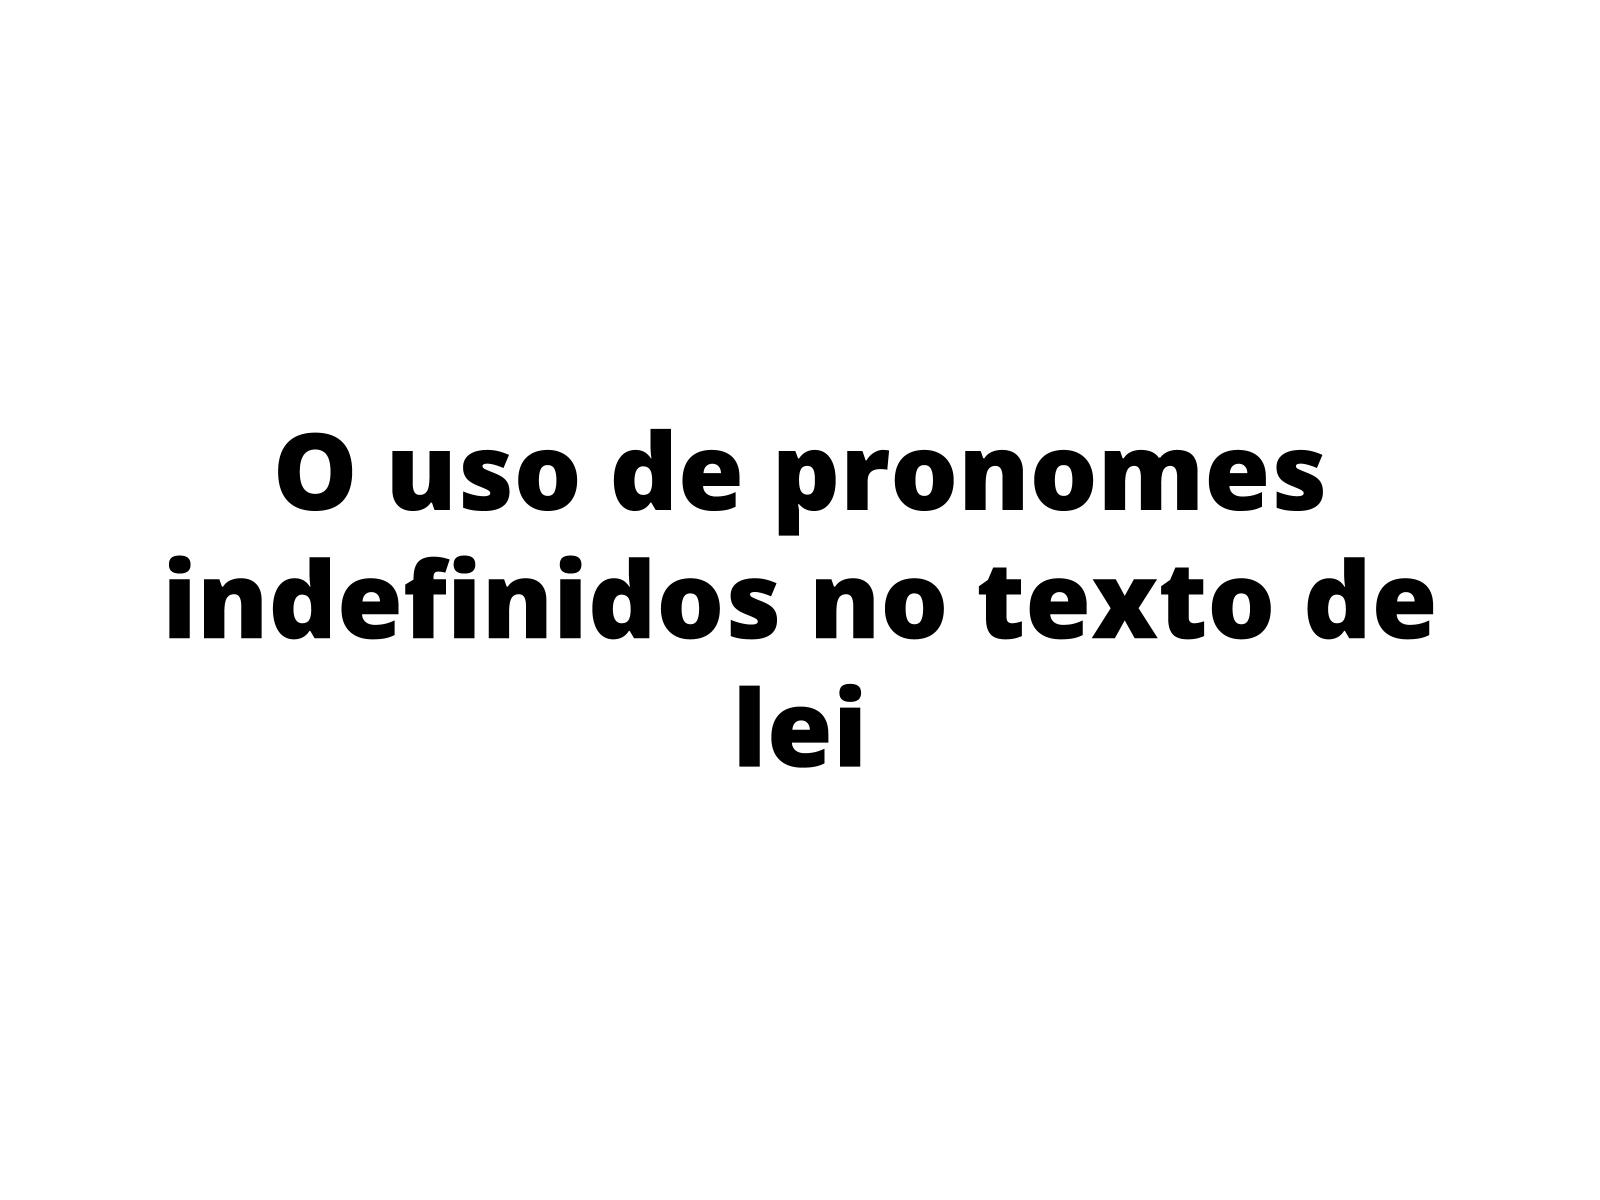 O uso de pronomes indefinidos em textos de Lei